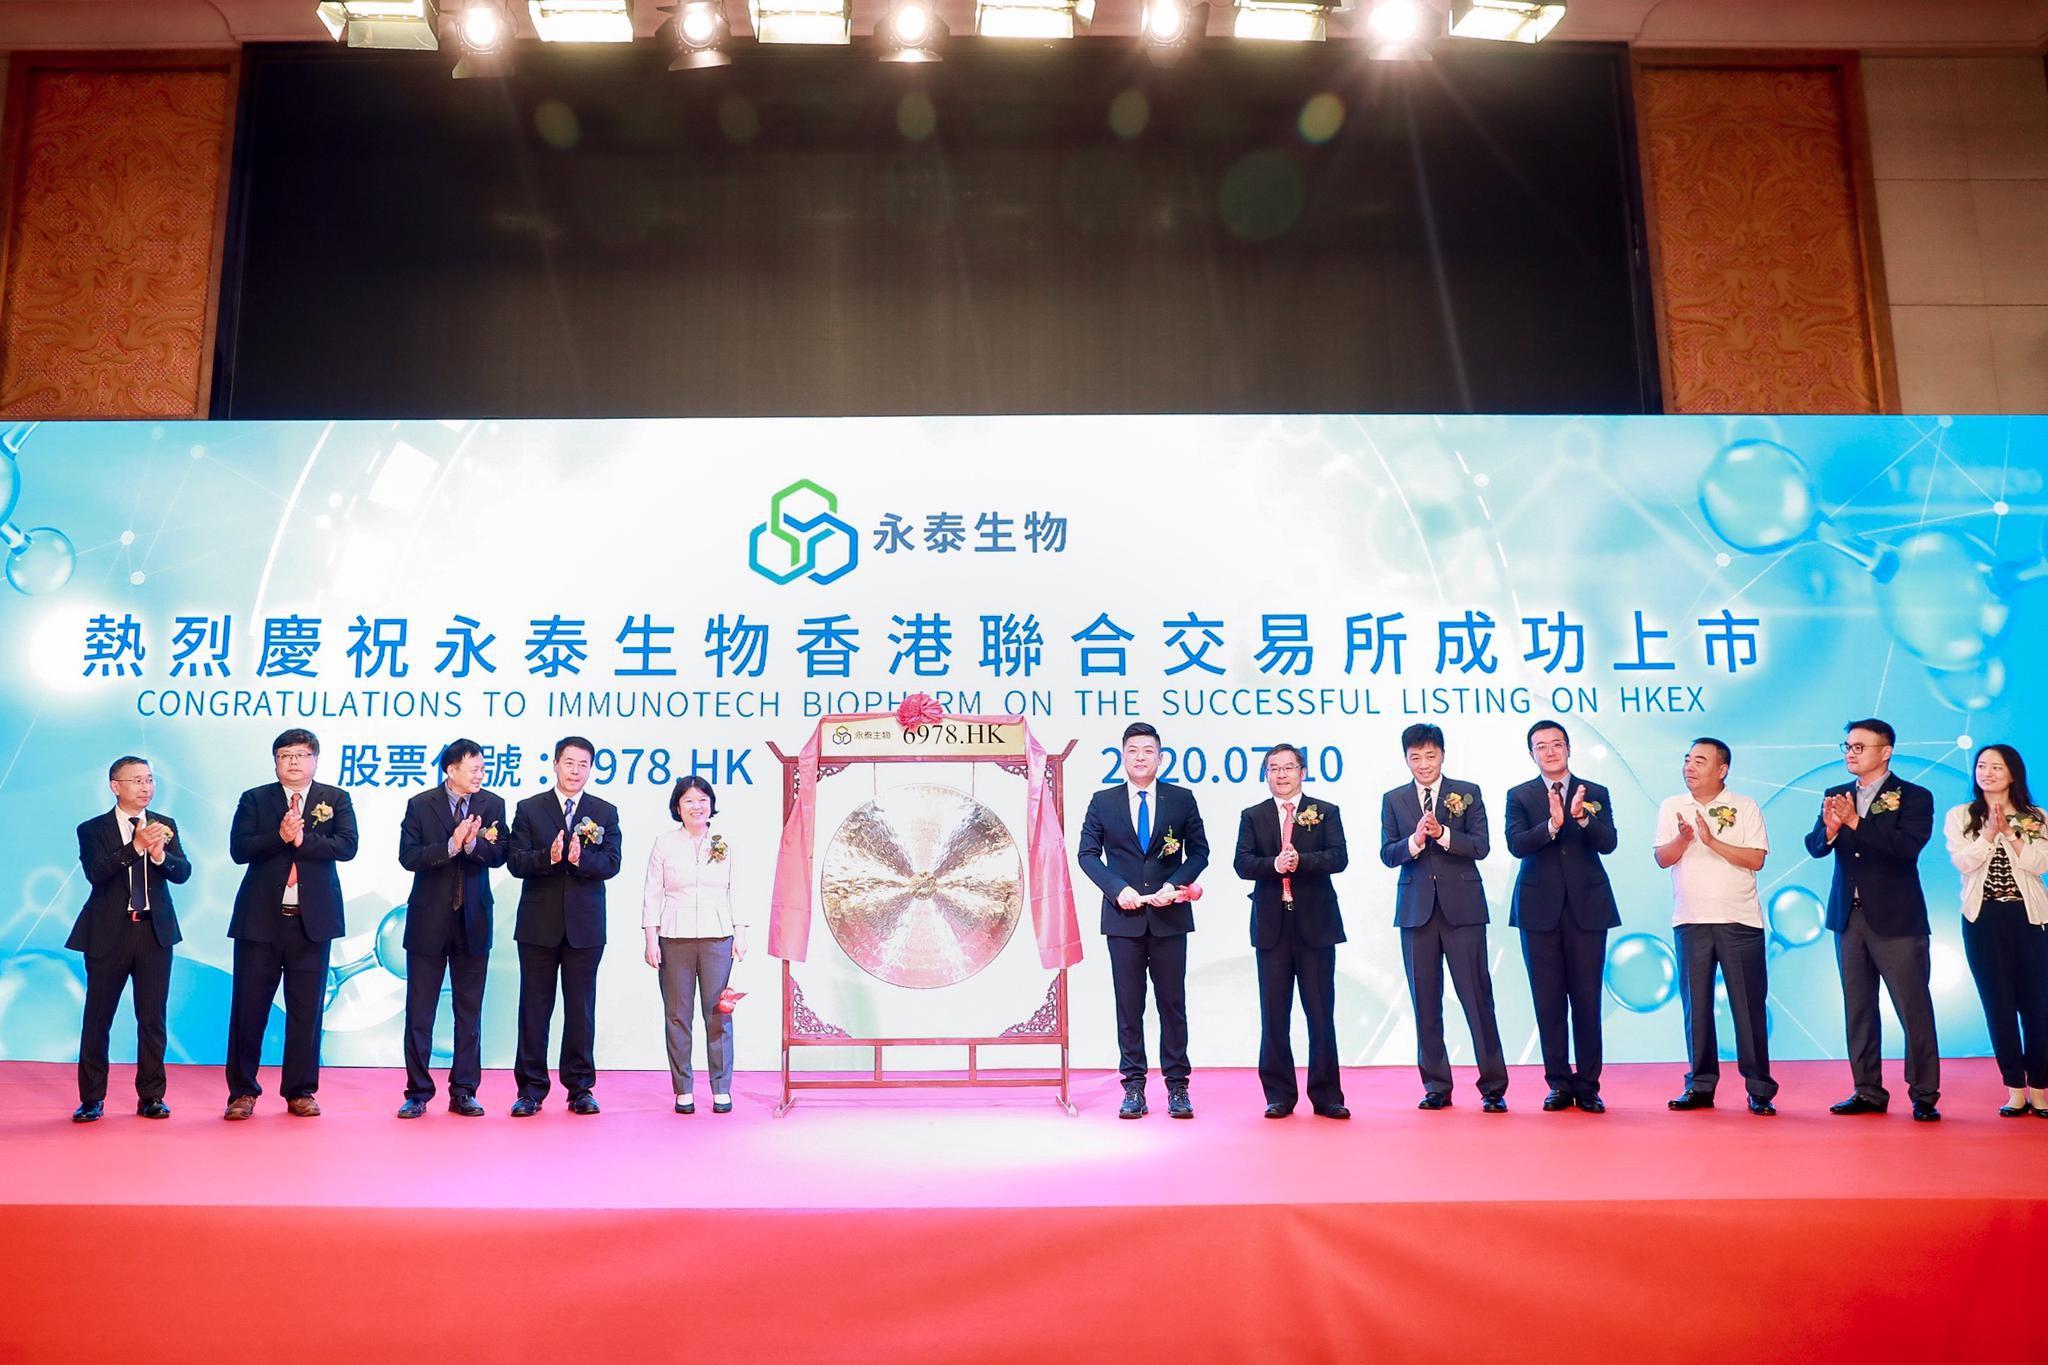 永泰生物登陆港交所:加速中国细胞免疫疗法商业化进程